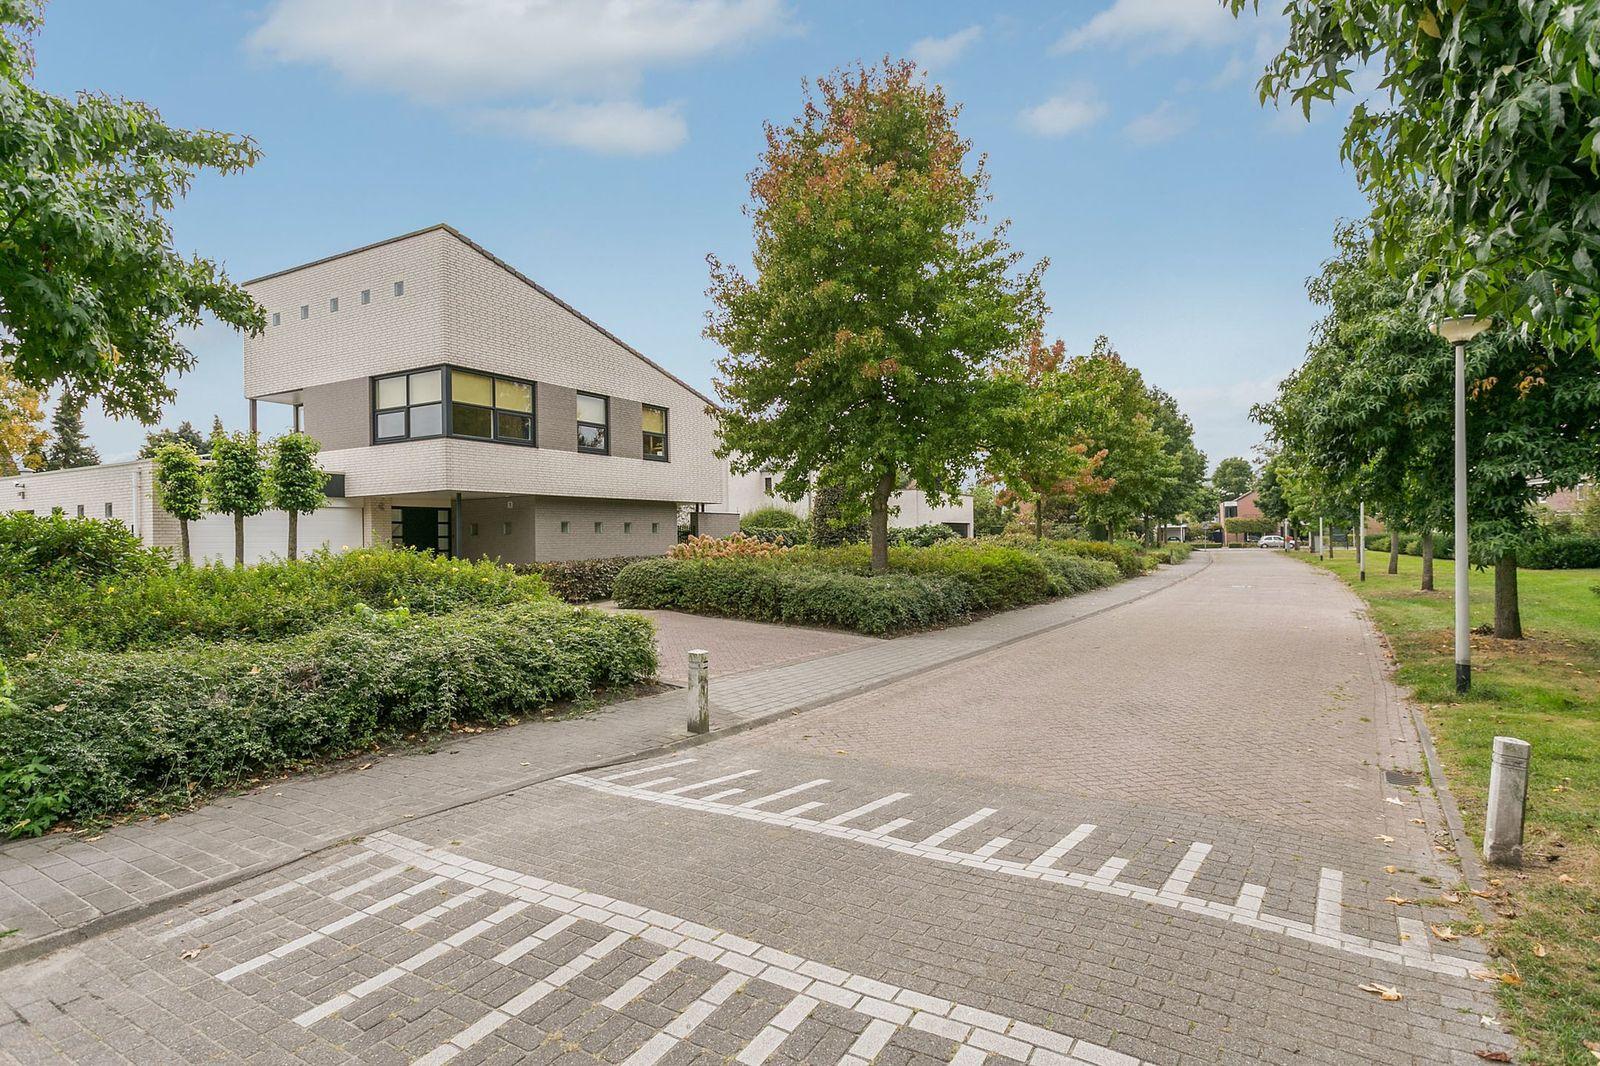 Jagersberg 3, Roosendaal